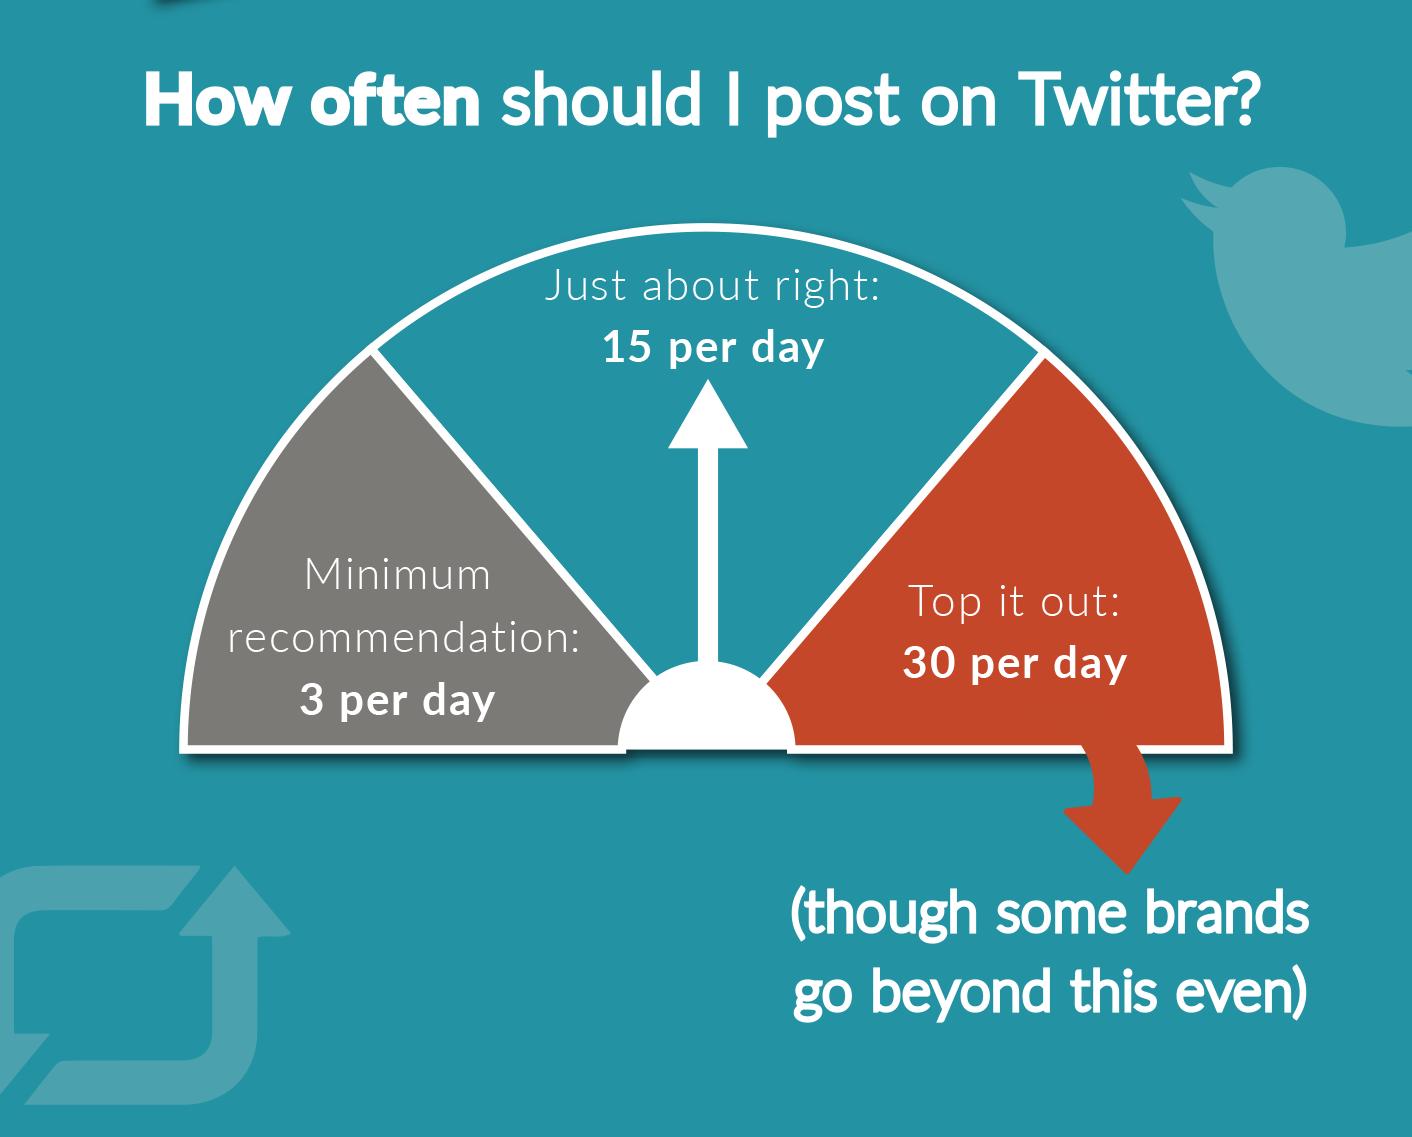 How often should I post on twitter?